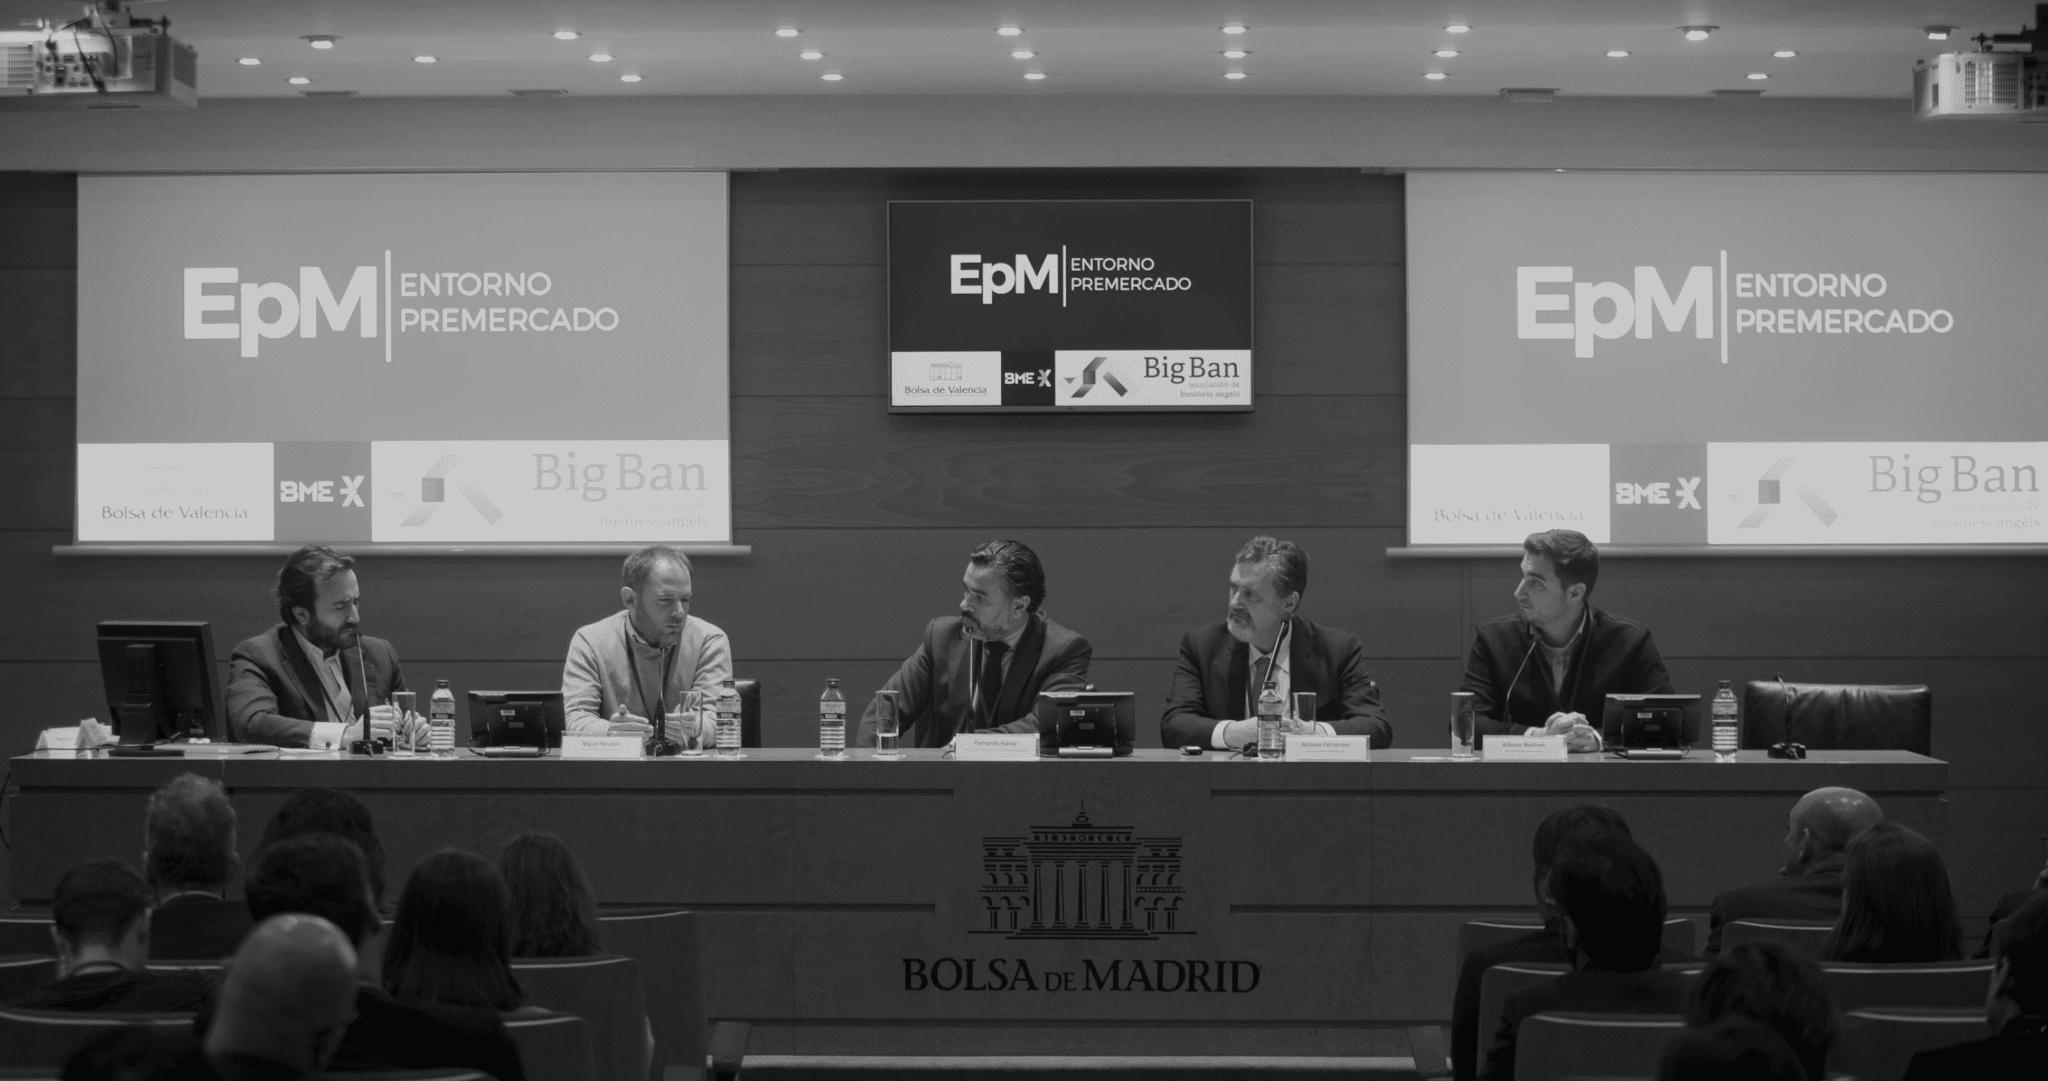 Alfonso Martínez, primero por la derecha, el pasado 6 de febrero en la presentación de entorno pre-mercado en la bolsa de Madrid. Foto: Grupo BME.